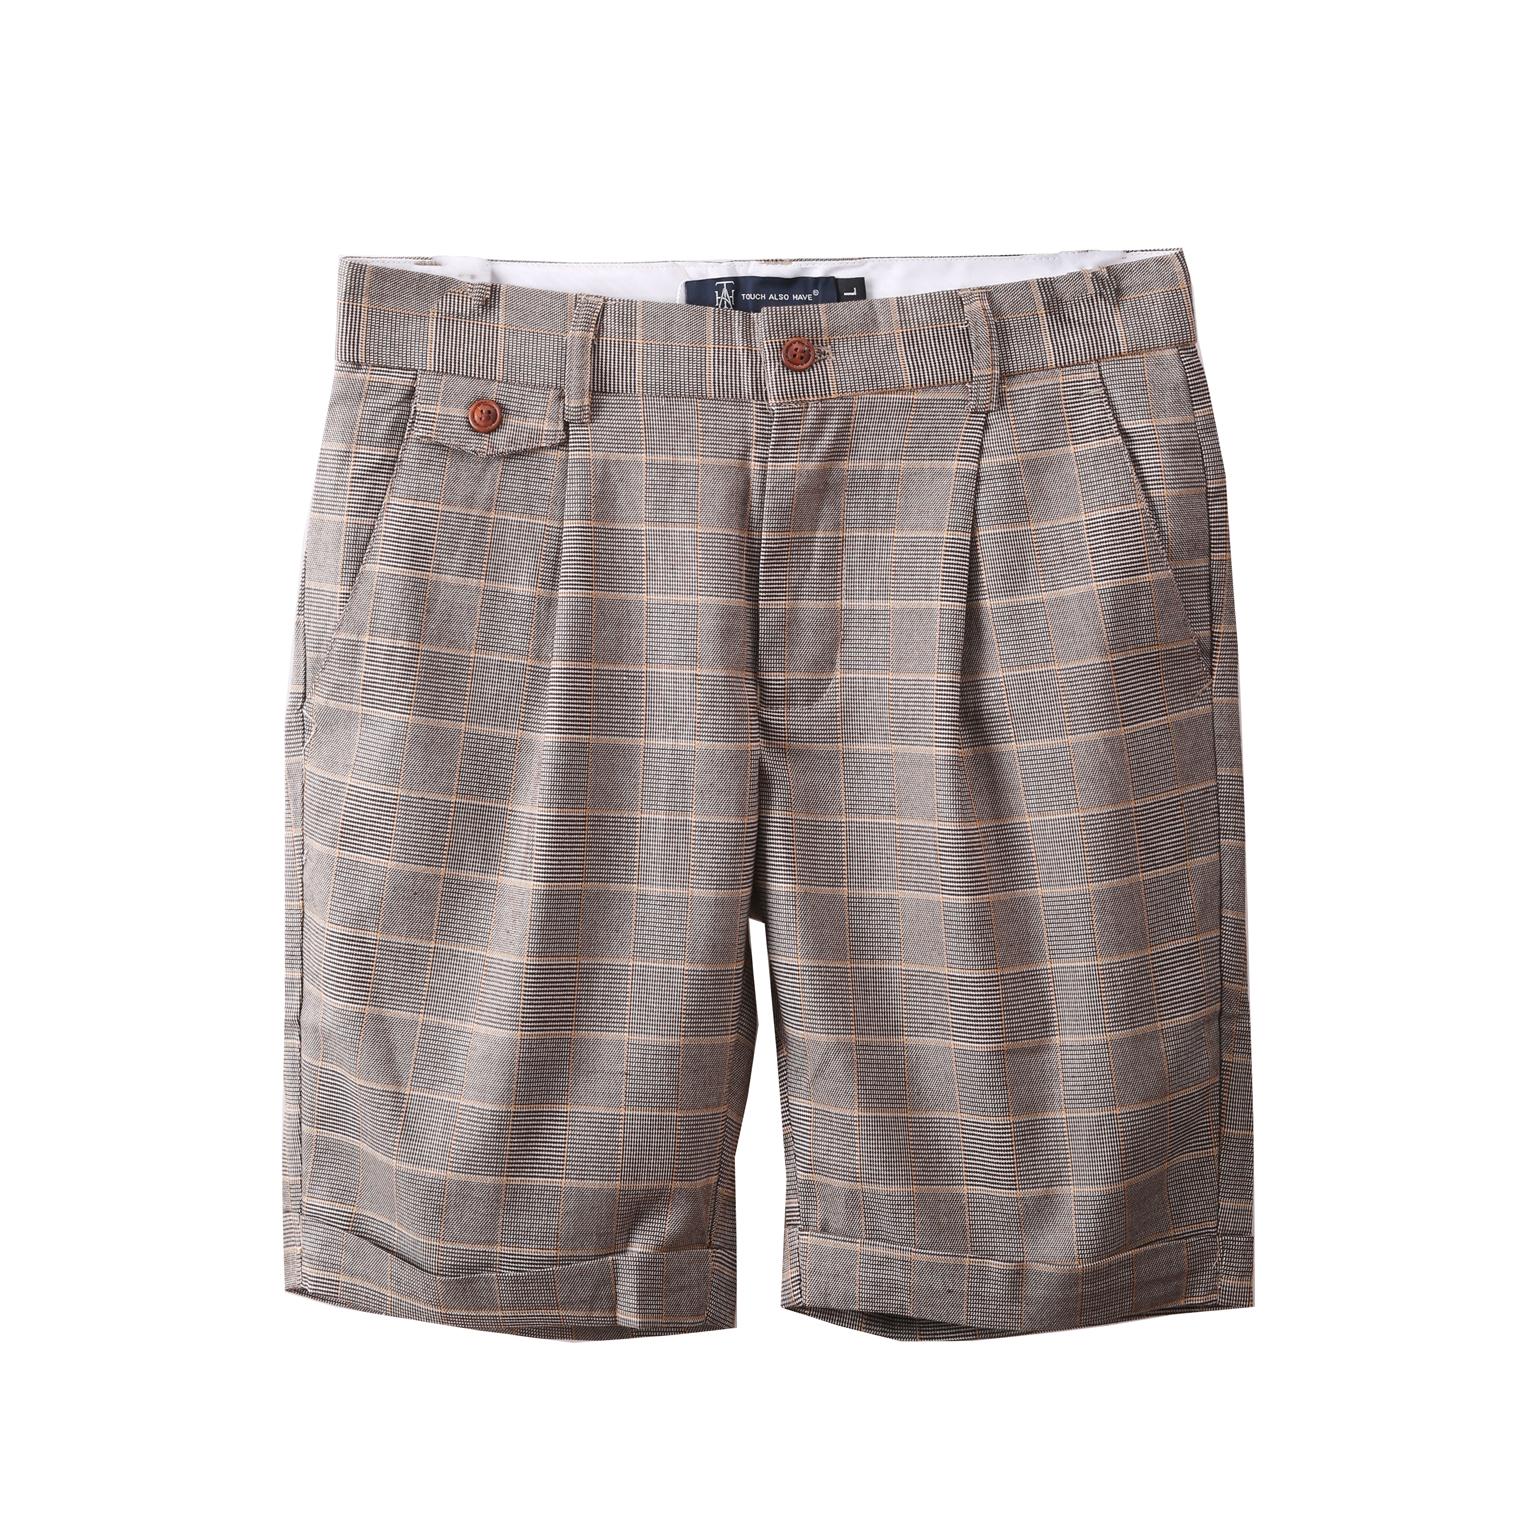 Mùa hè thường kẻ sọc quần short nam năm quần Hàn Quốc phiên bản của xu hướng của tự trồng quần thời trang hoang dã của nam giới quần 307